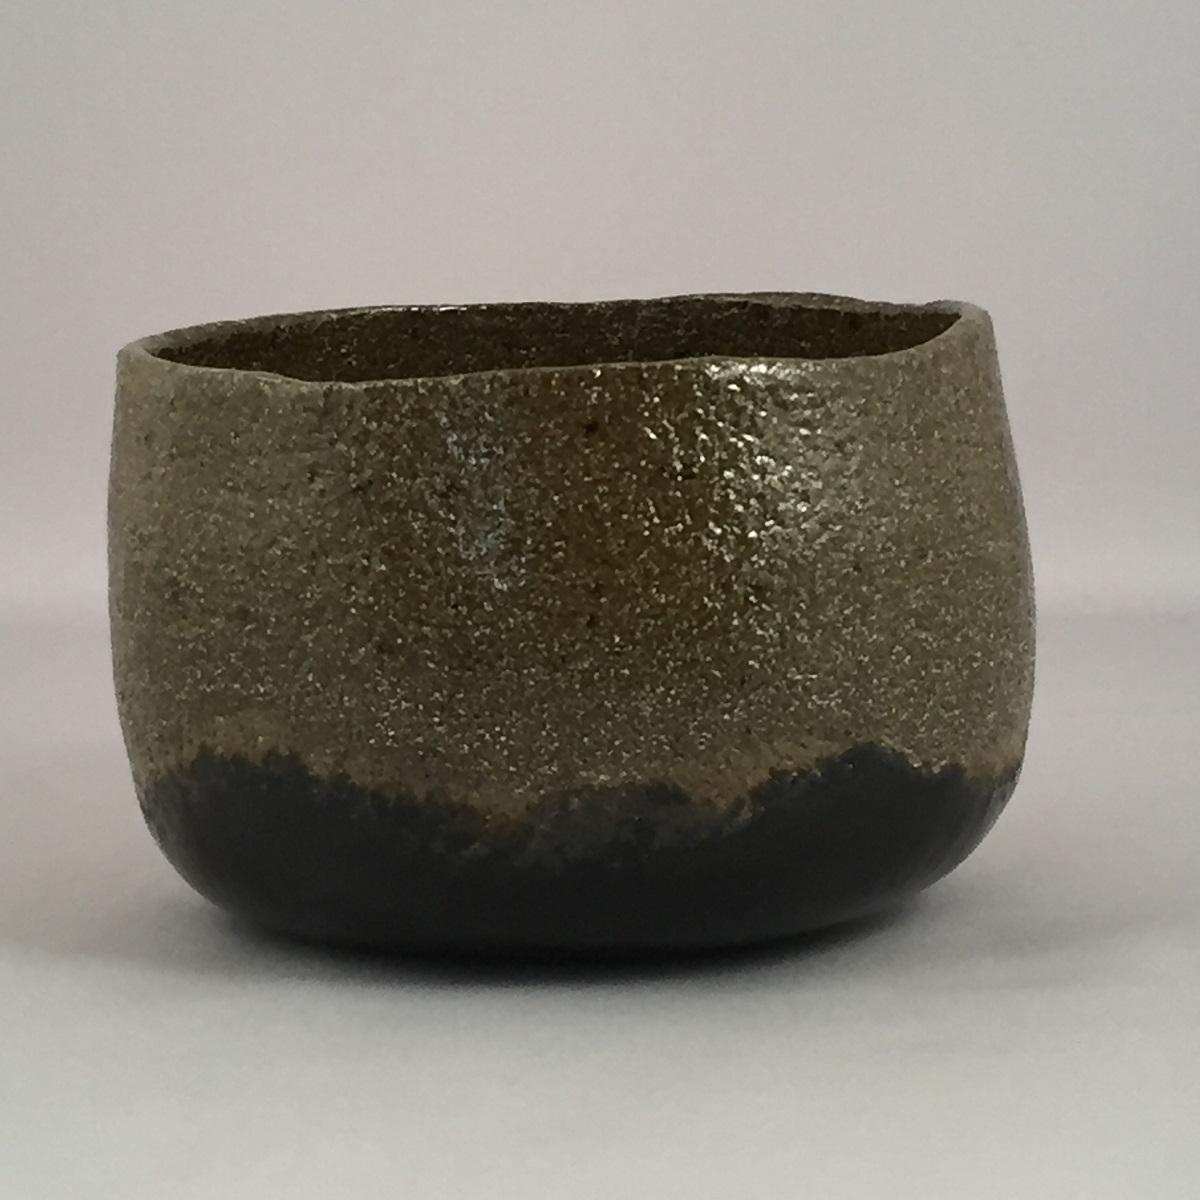 【共箱】三代 佐々木昭楽作 銘「時雨」 光悦写 黒楽茶碗 茶道具